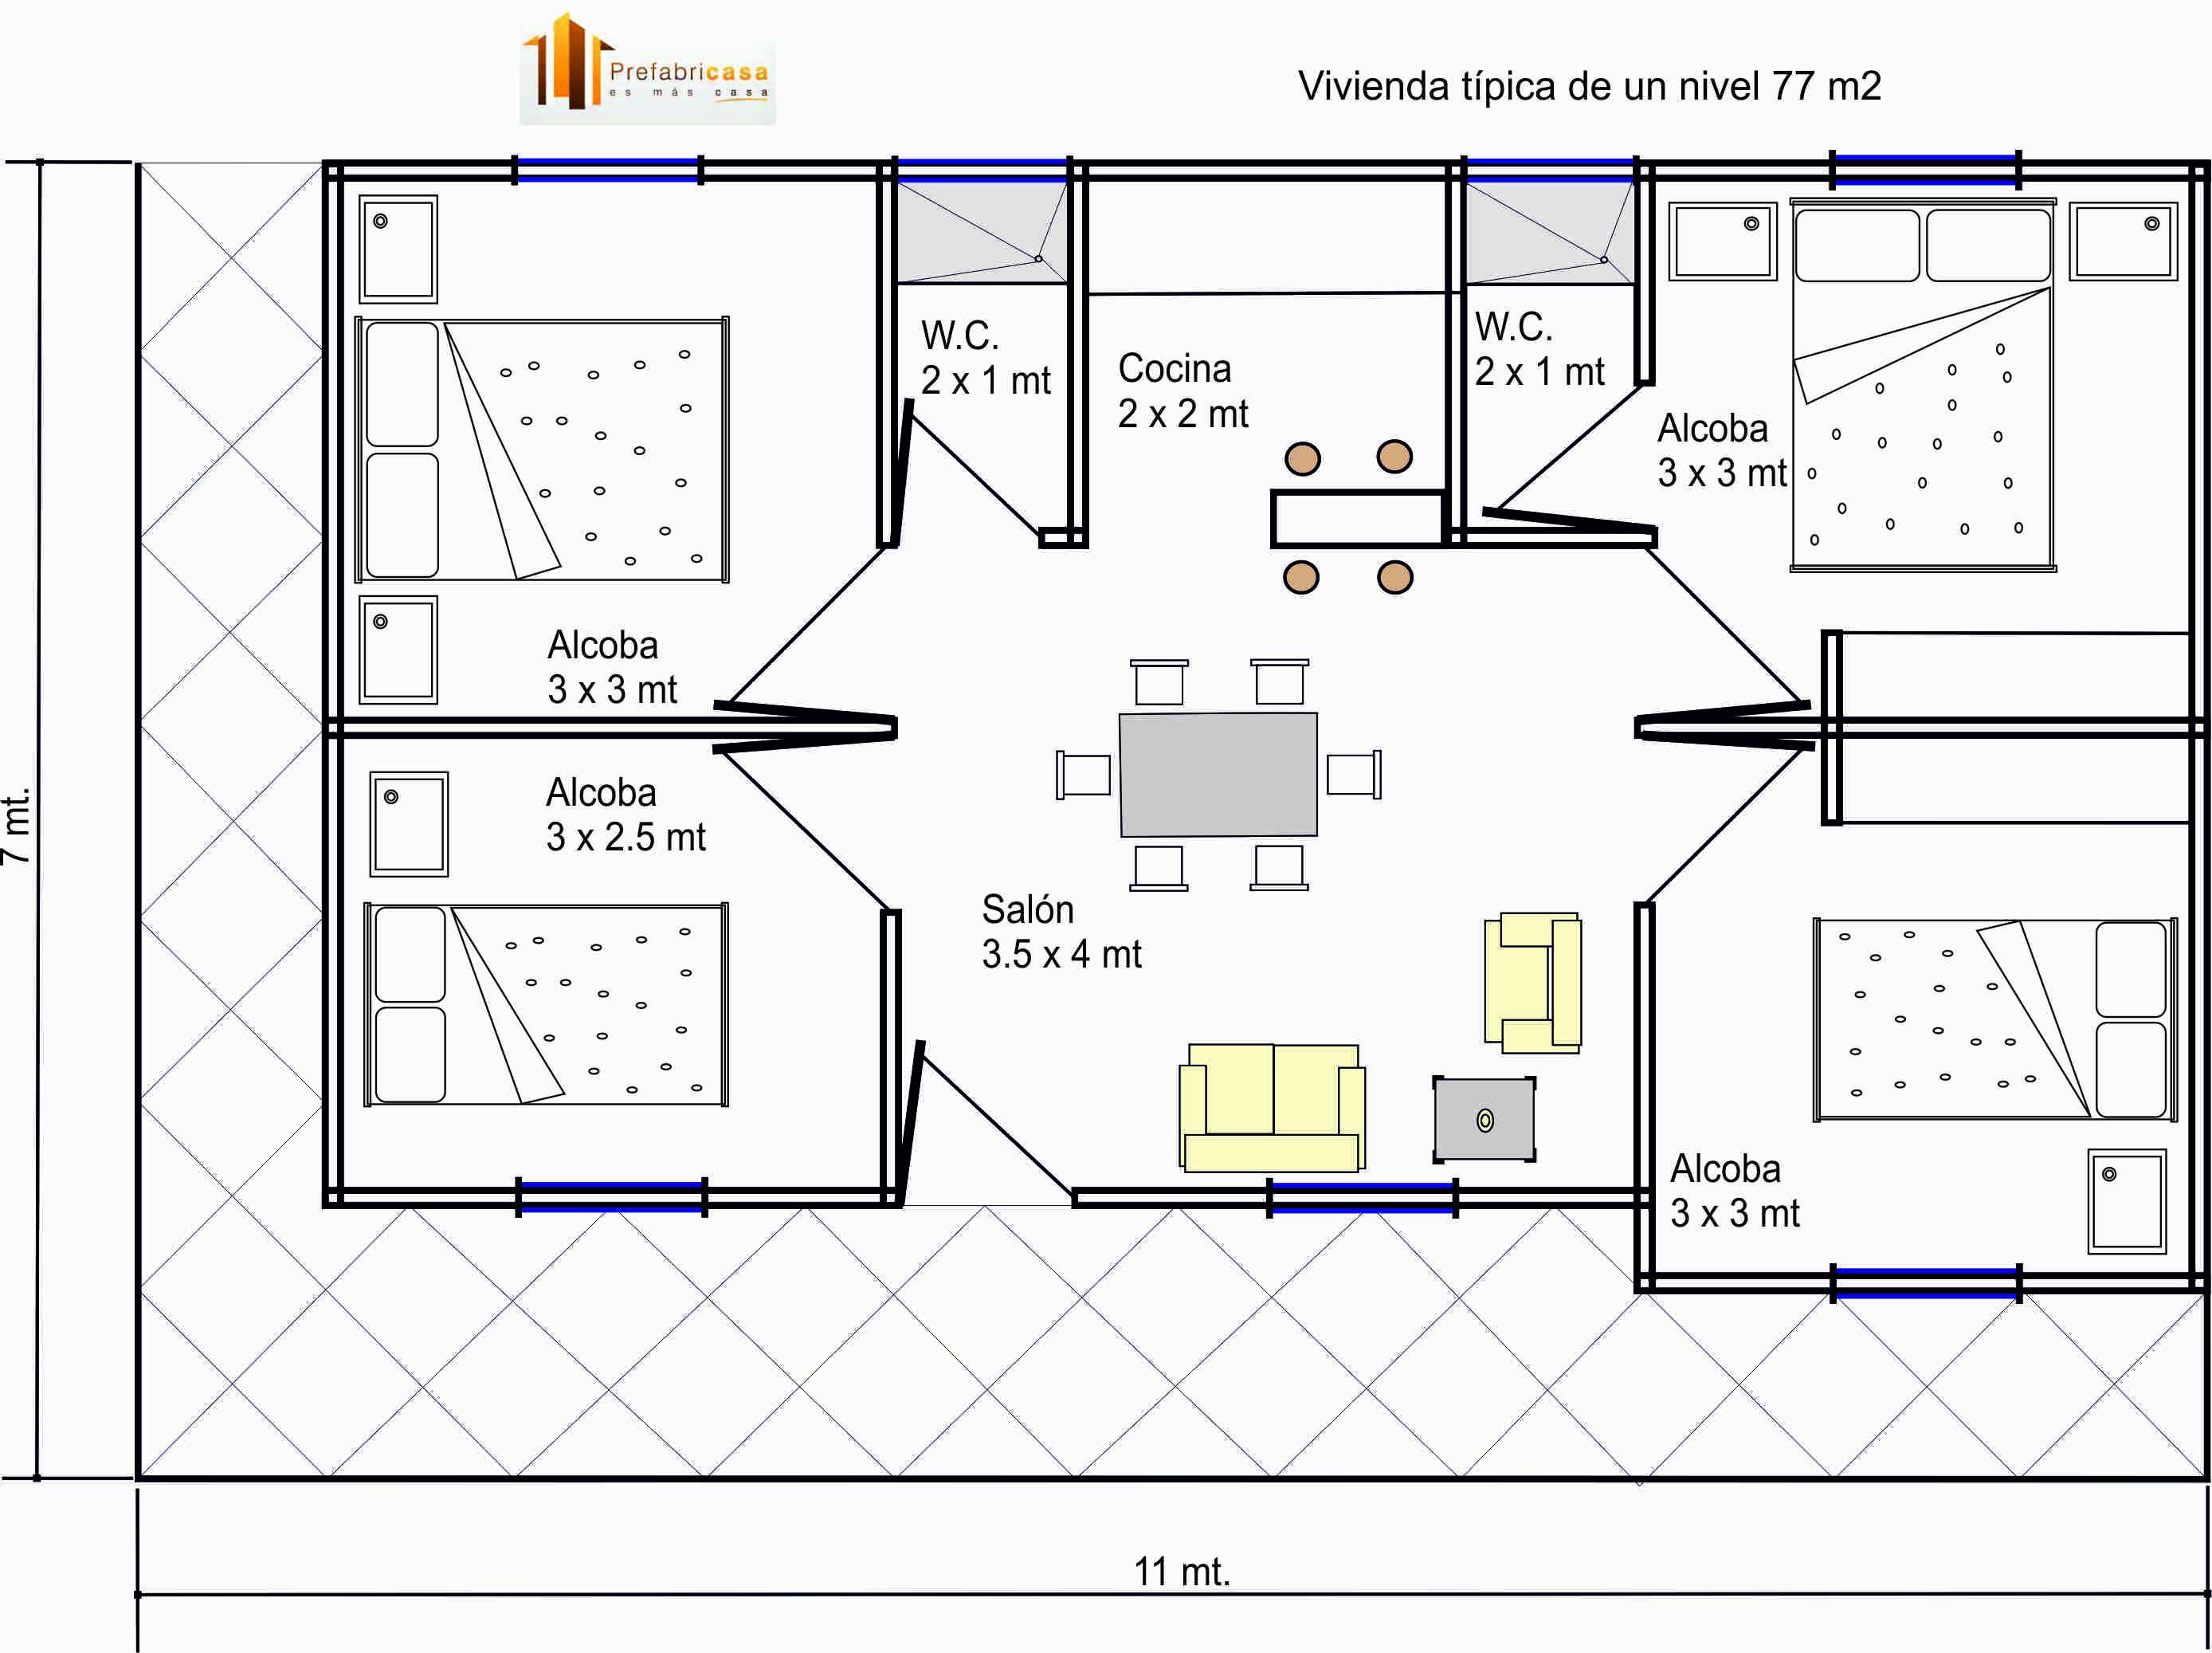 Dise os casas prefabricadas 77 mts2 casas prefabricadas for Planos de casas economicas de 3 dormitorios